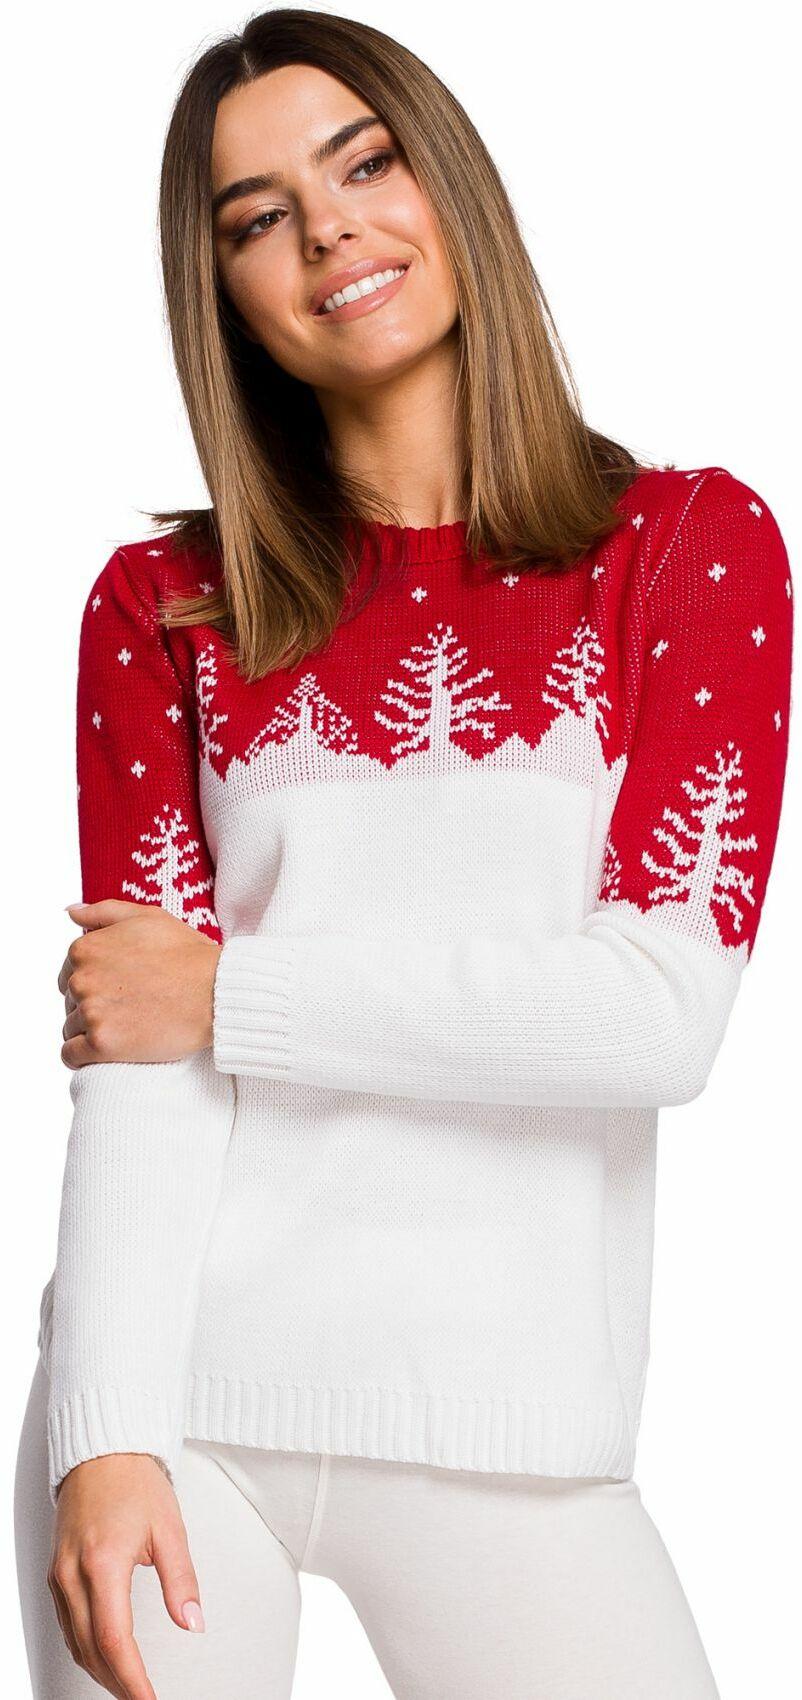 MXS05 Sweter świąteczny z motywem choinek - czerwony